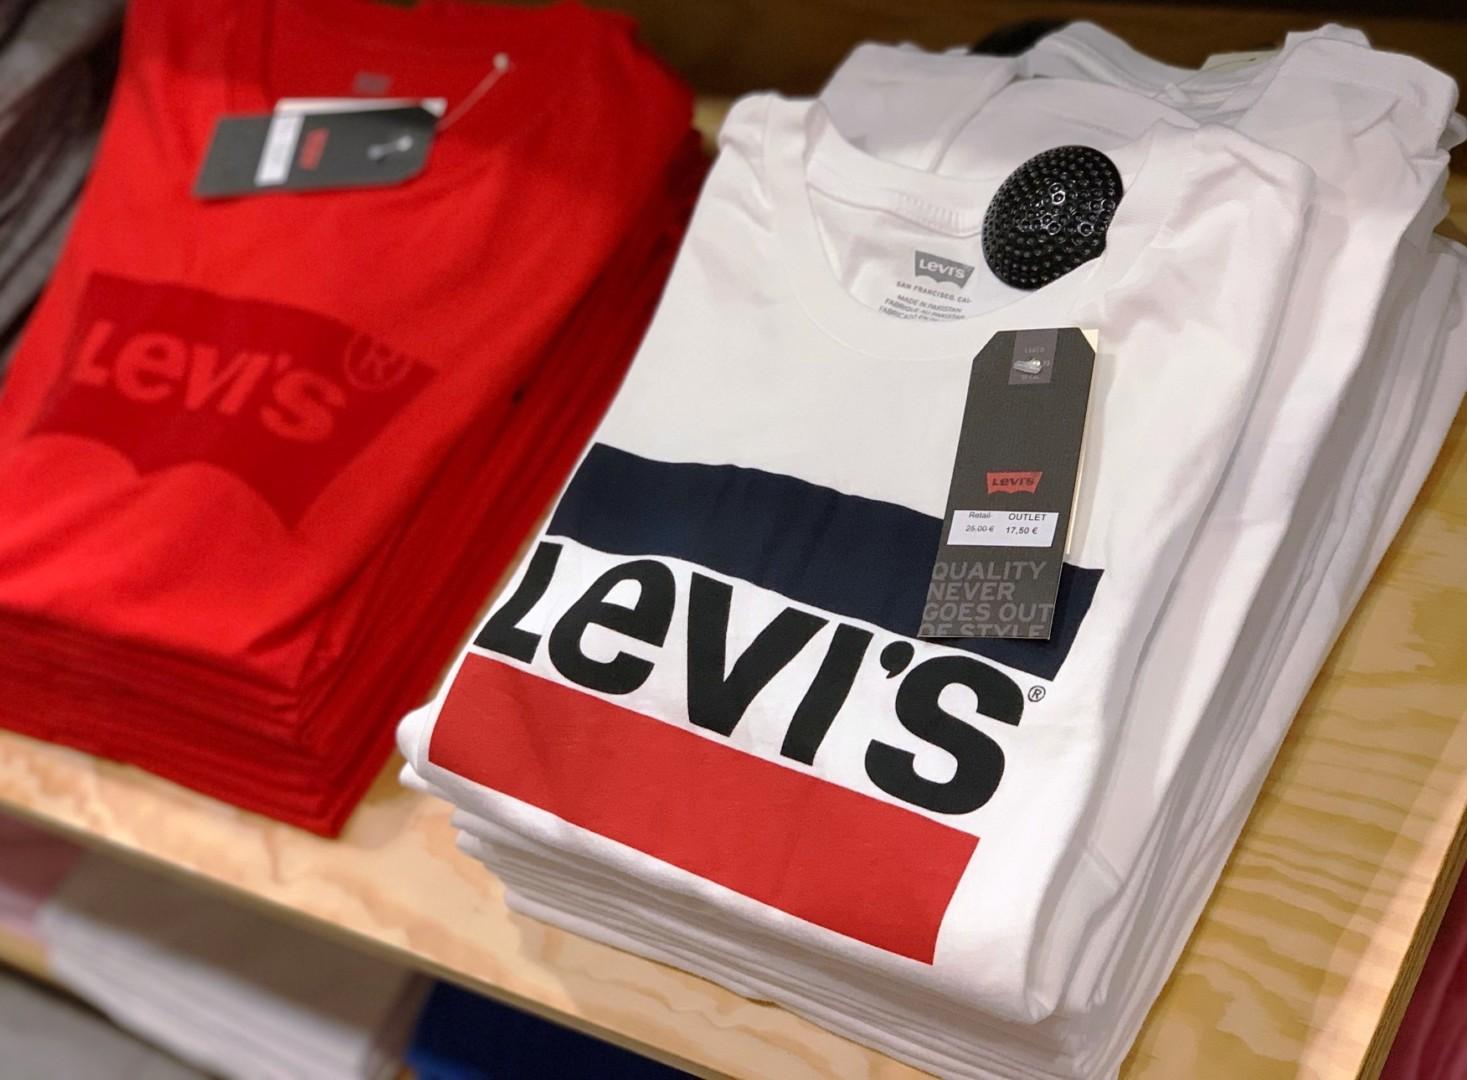 Camisetas con el logo de Levi´s